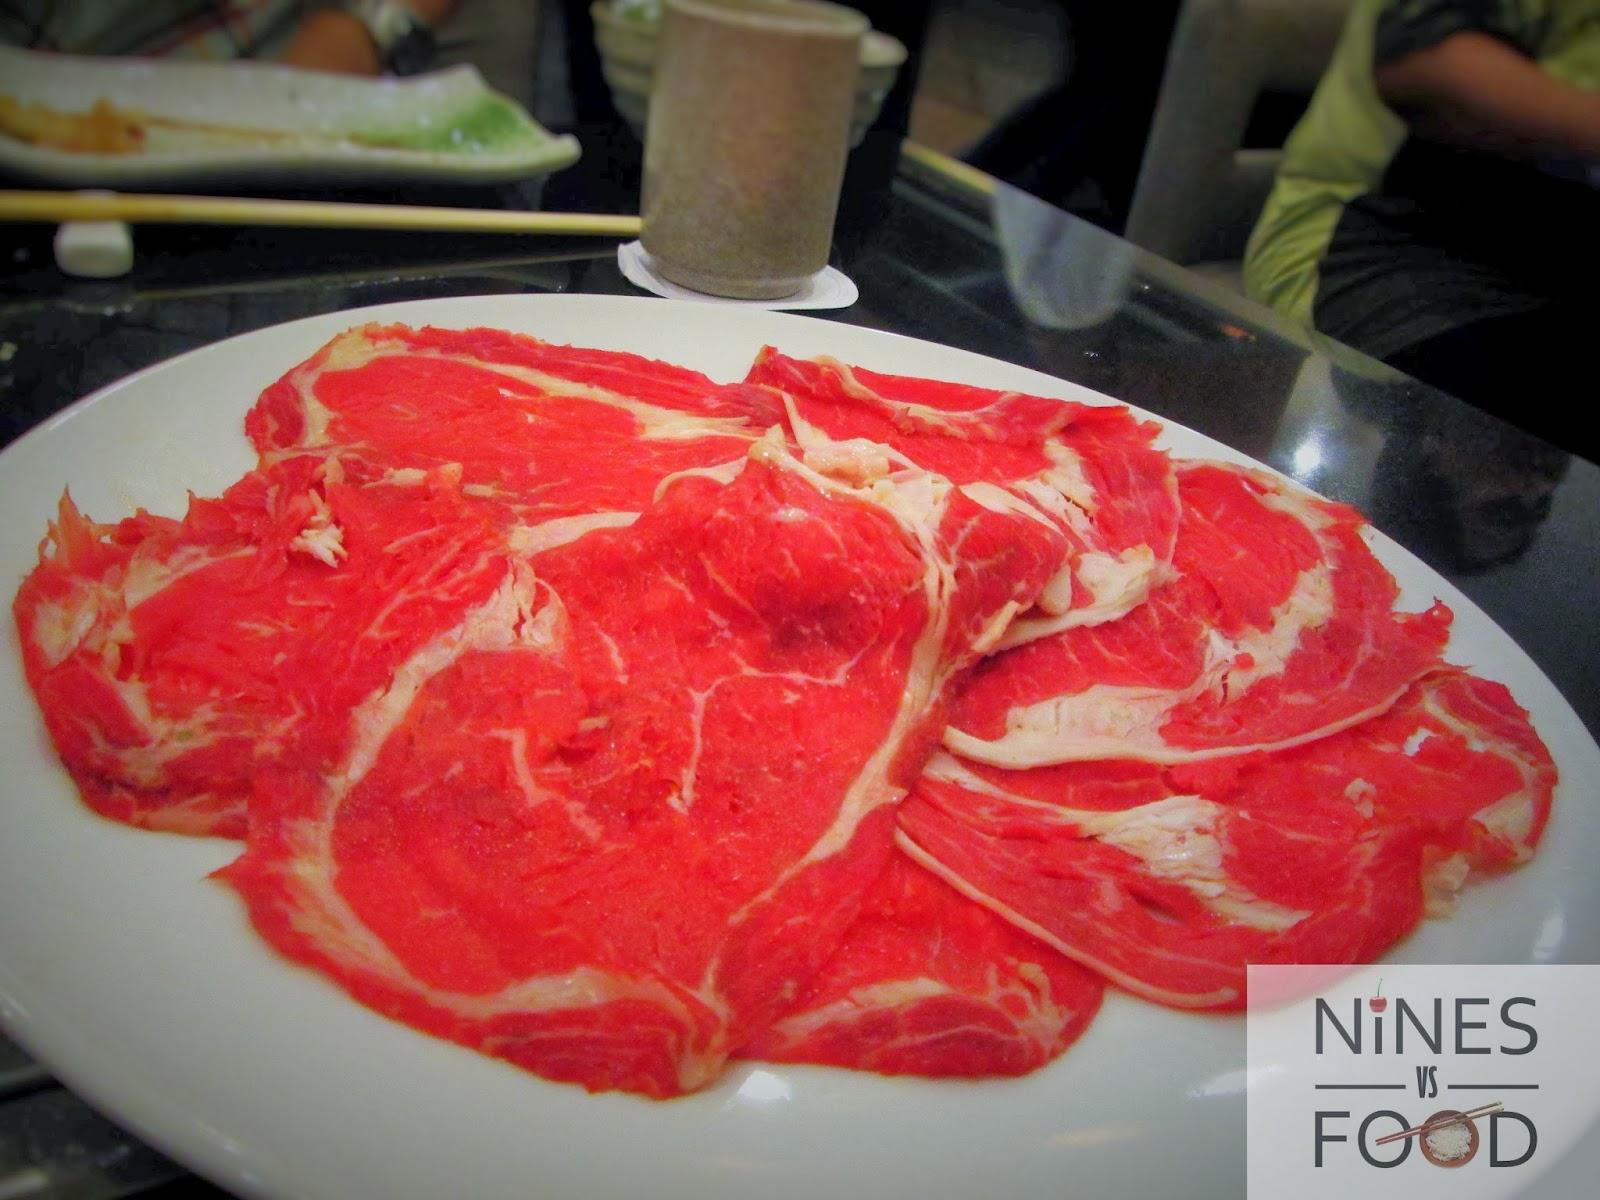 Nines vs. Food - Ogetsu Hime SM Aura Taguig-25.jpg